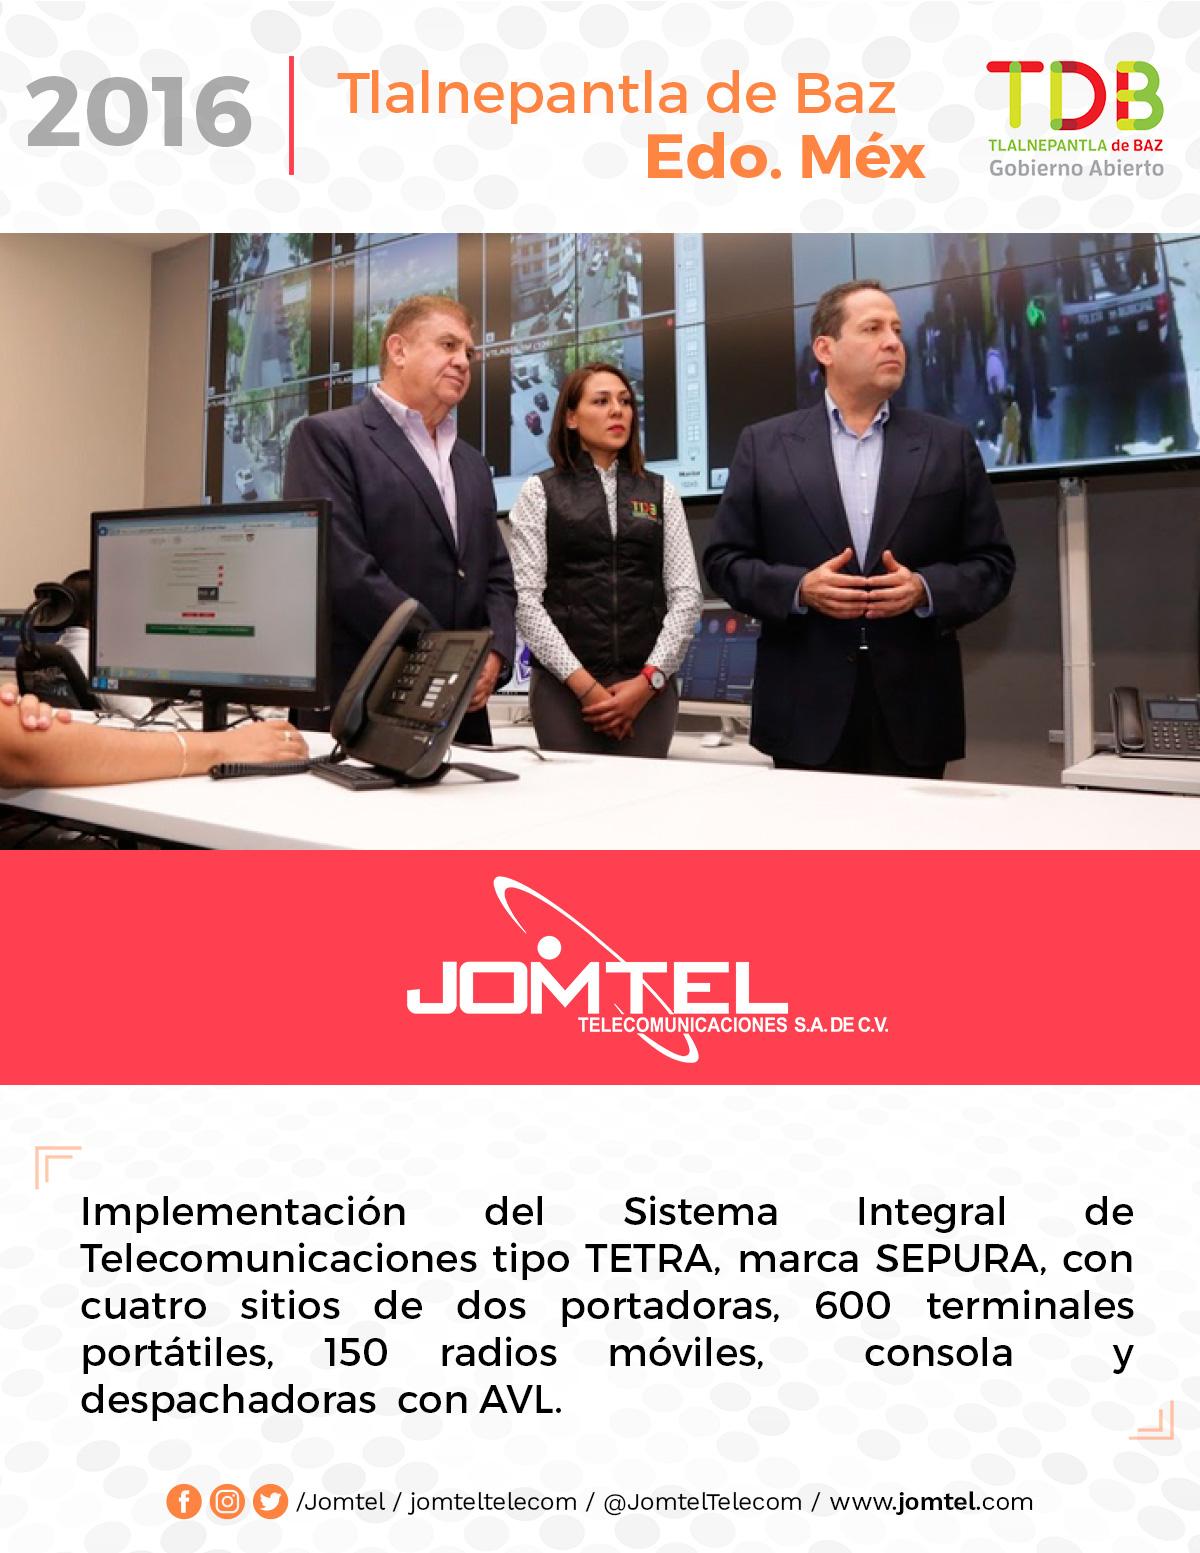 TLALNEPANTLA DE BAZ PROYECTO RADIOCOMUNICACIÓN JOMTEL